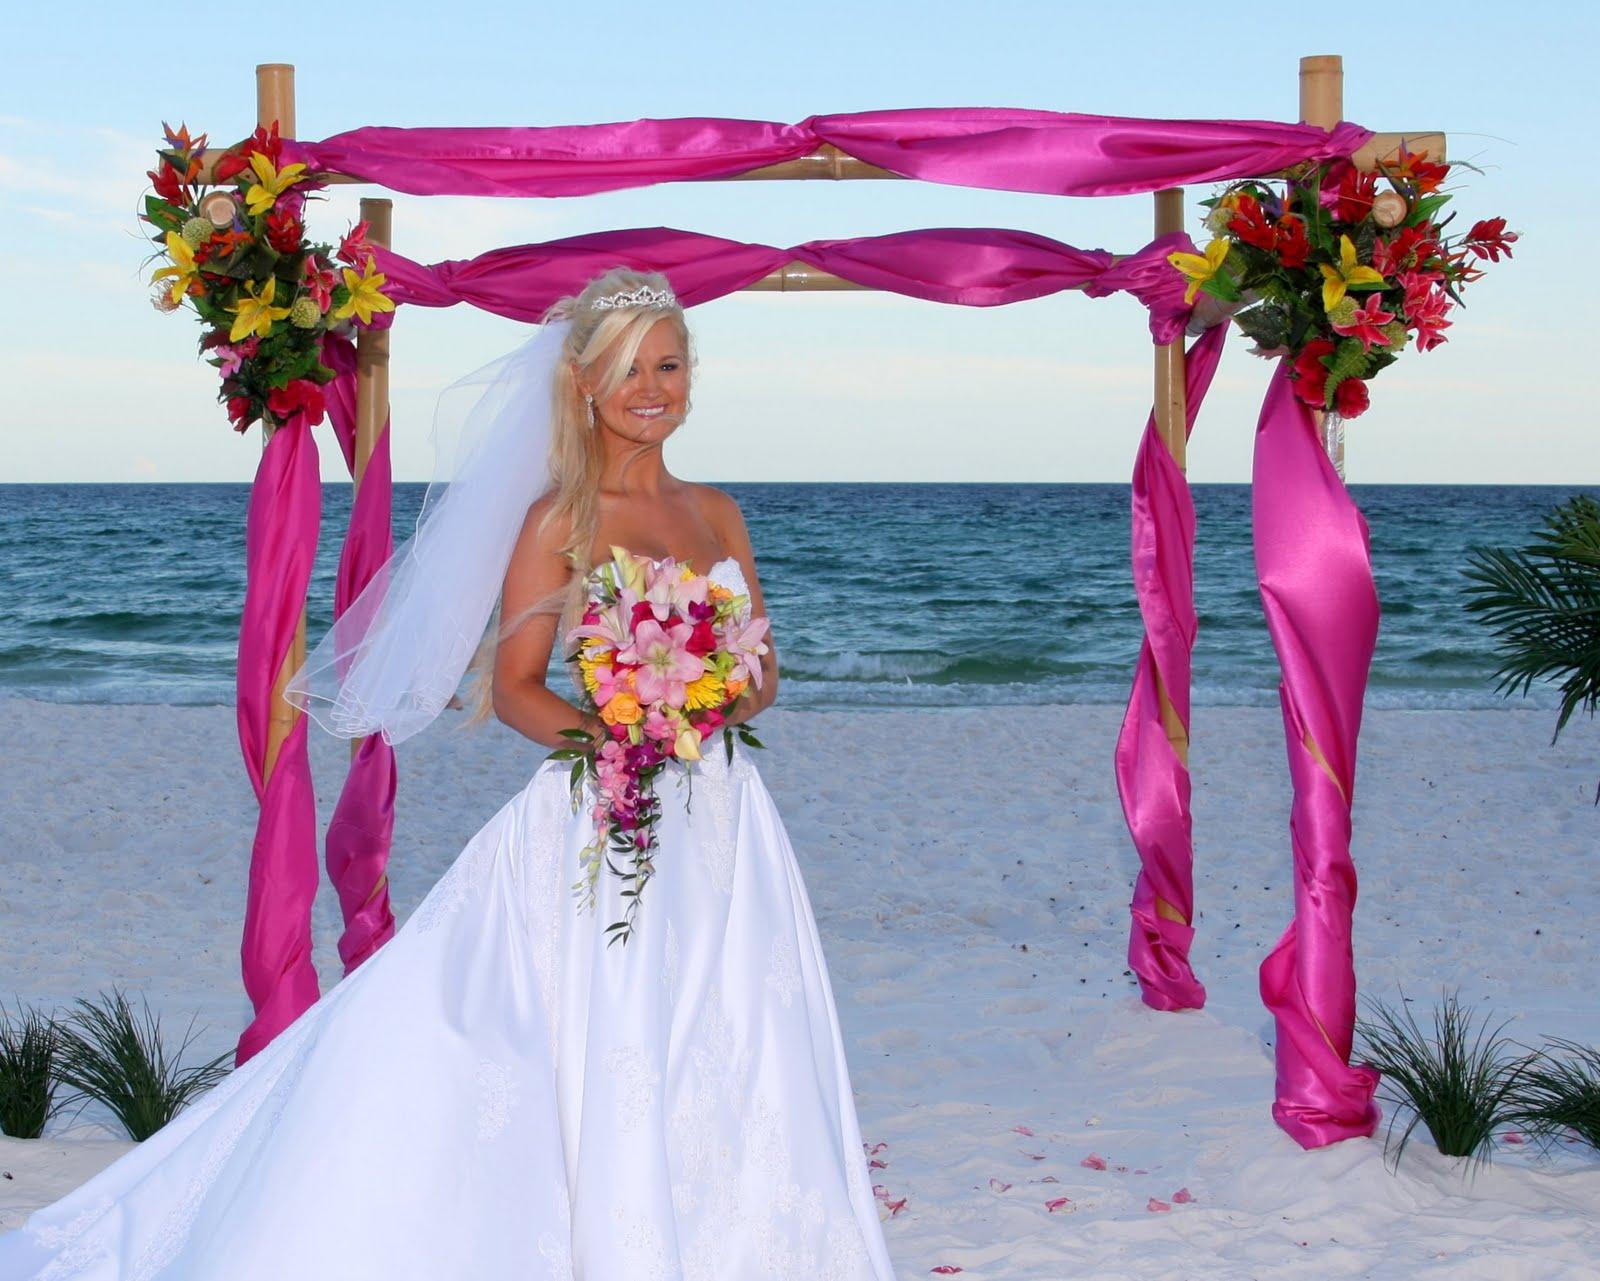 Beach weddings fort walton beach wedding packages sunset beach - Beach Weddings Fort Walton Beach Wedding Packages Sunset Beach 28